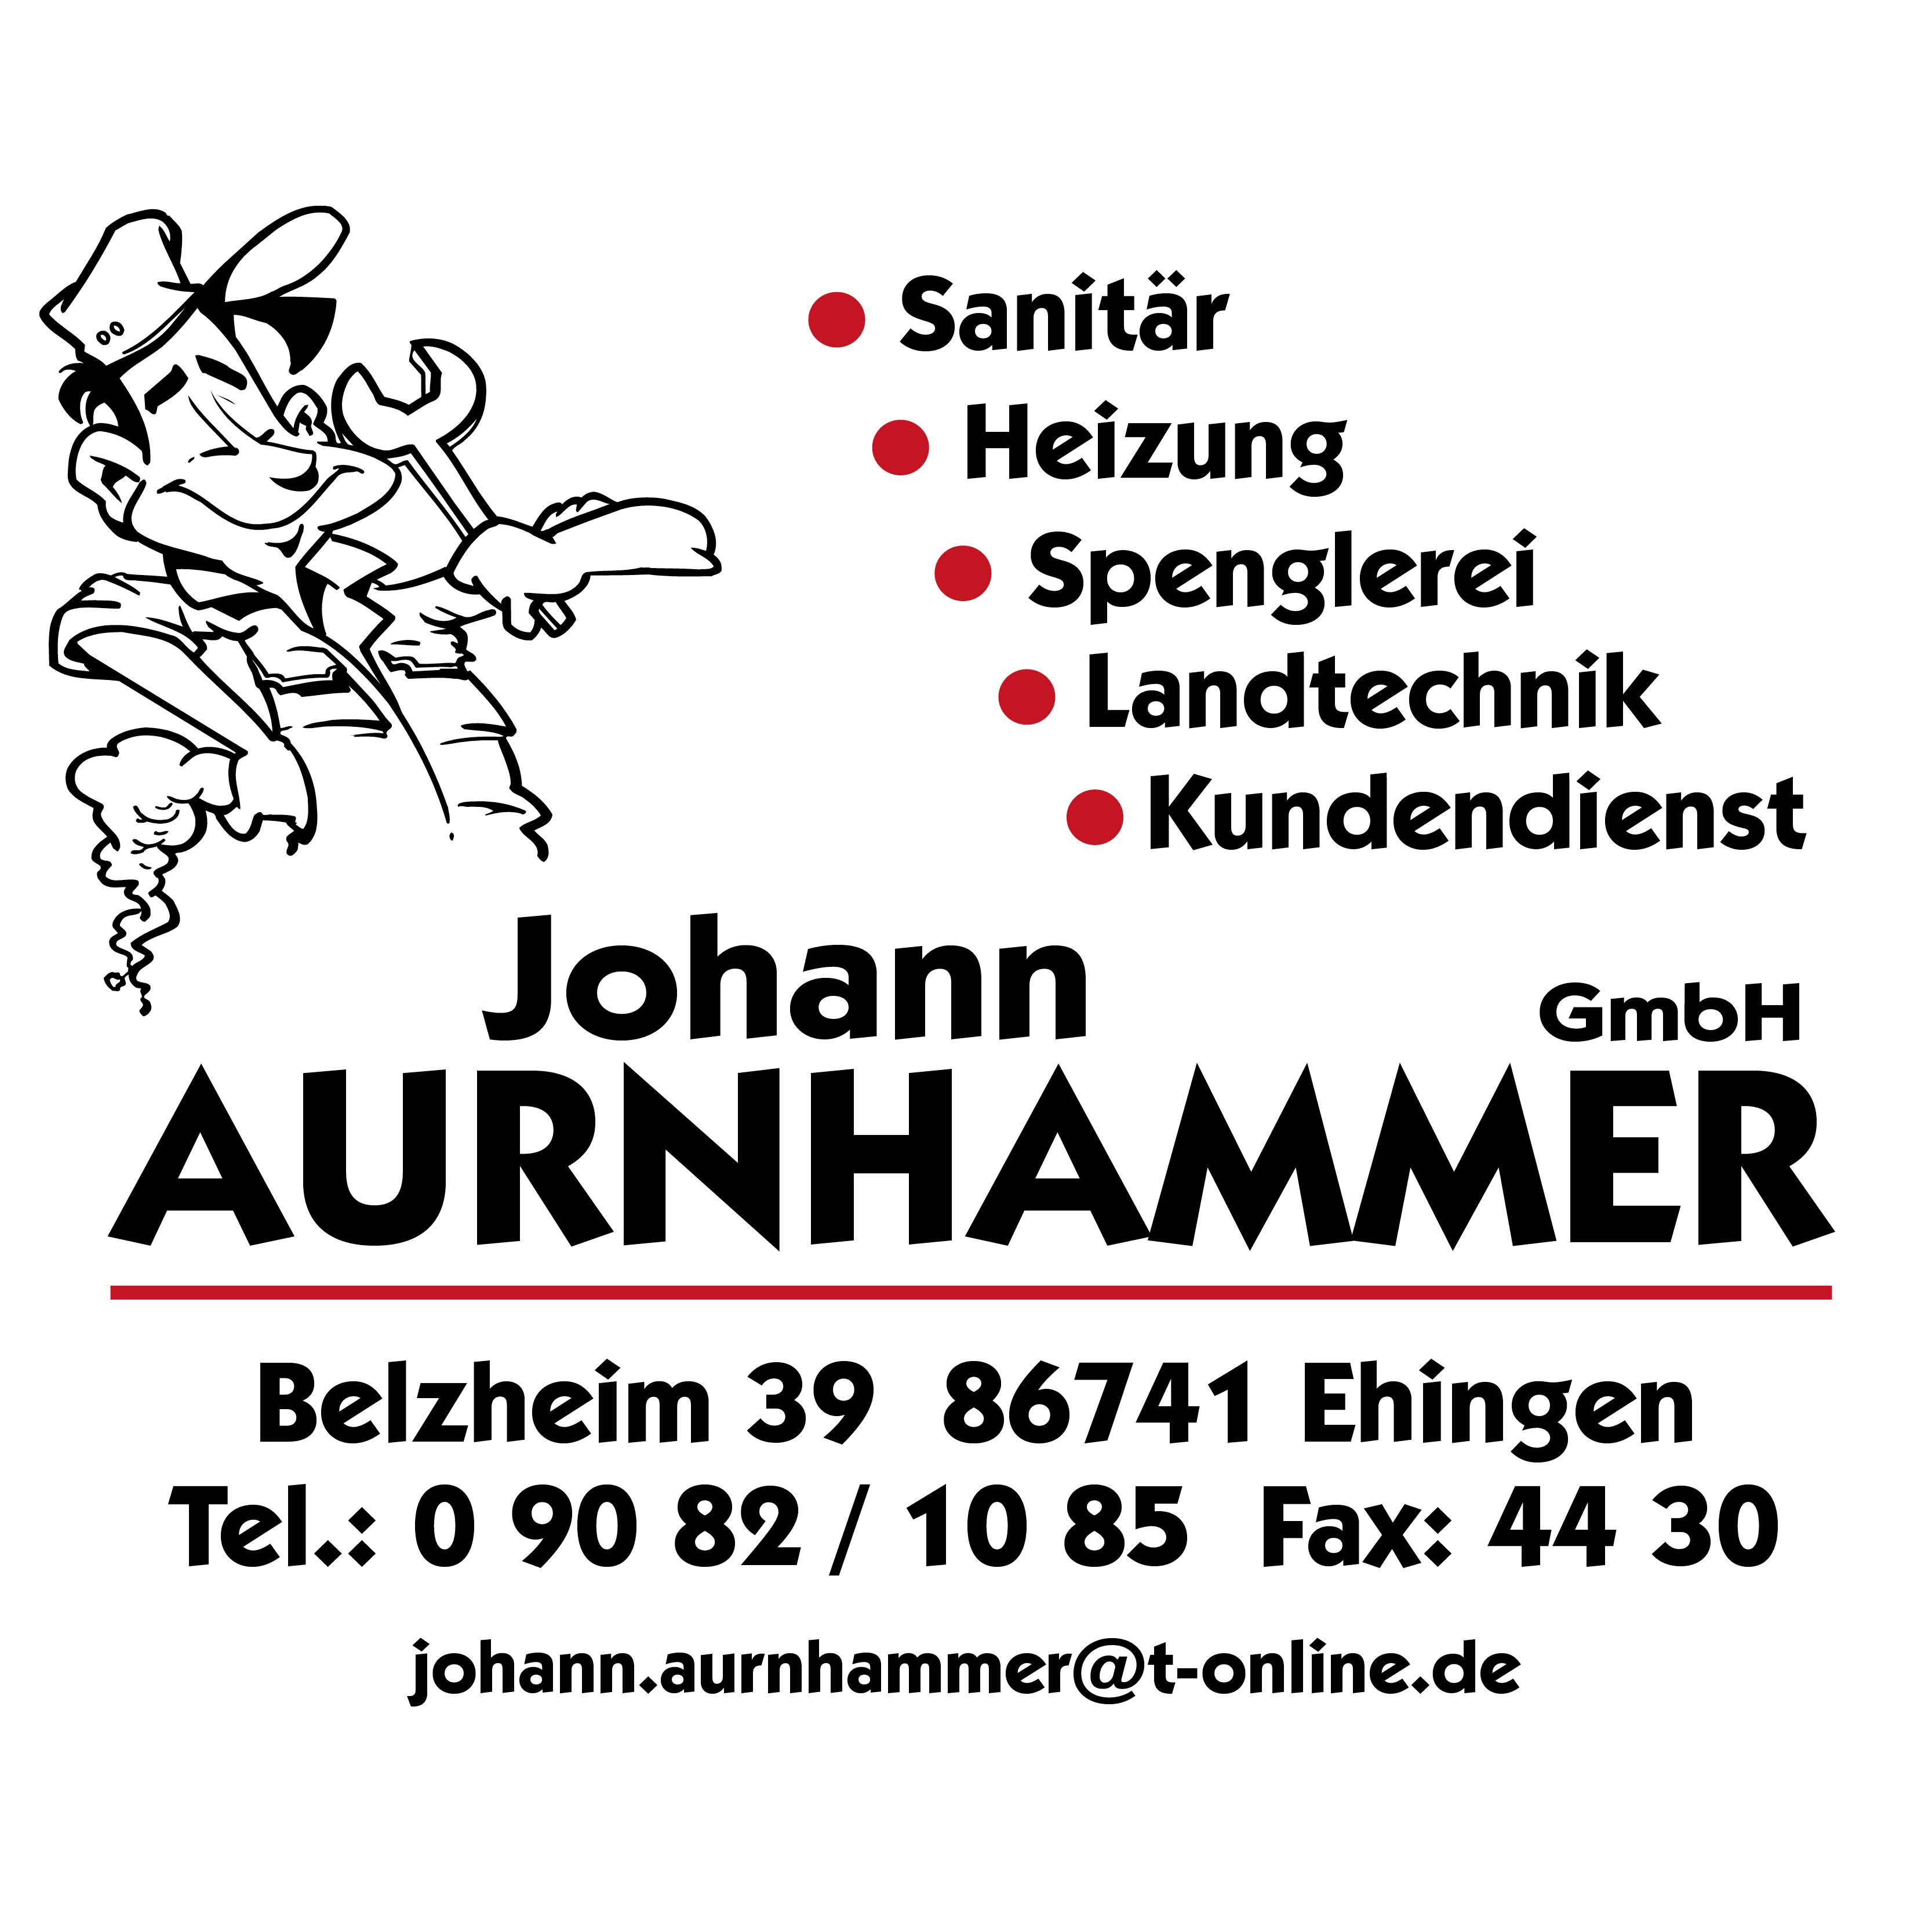 20170710_Aurnhammer-Anzeige800x800px_Landtechnik